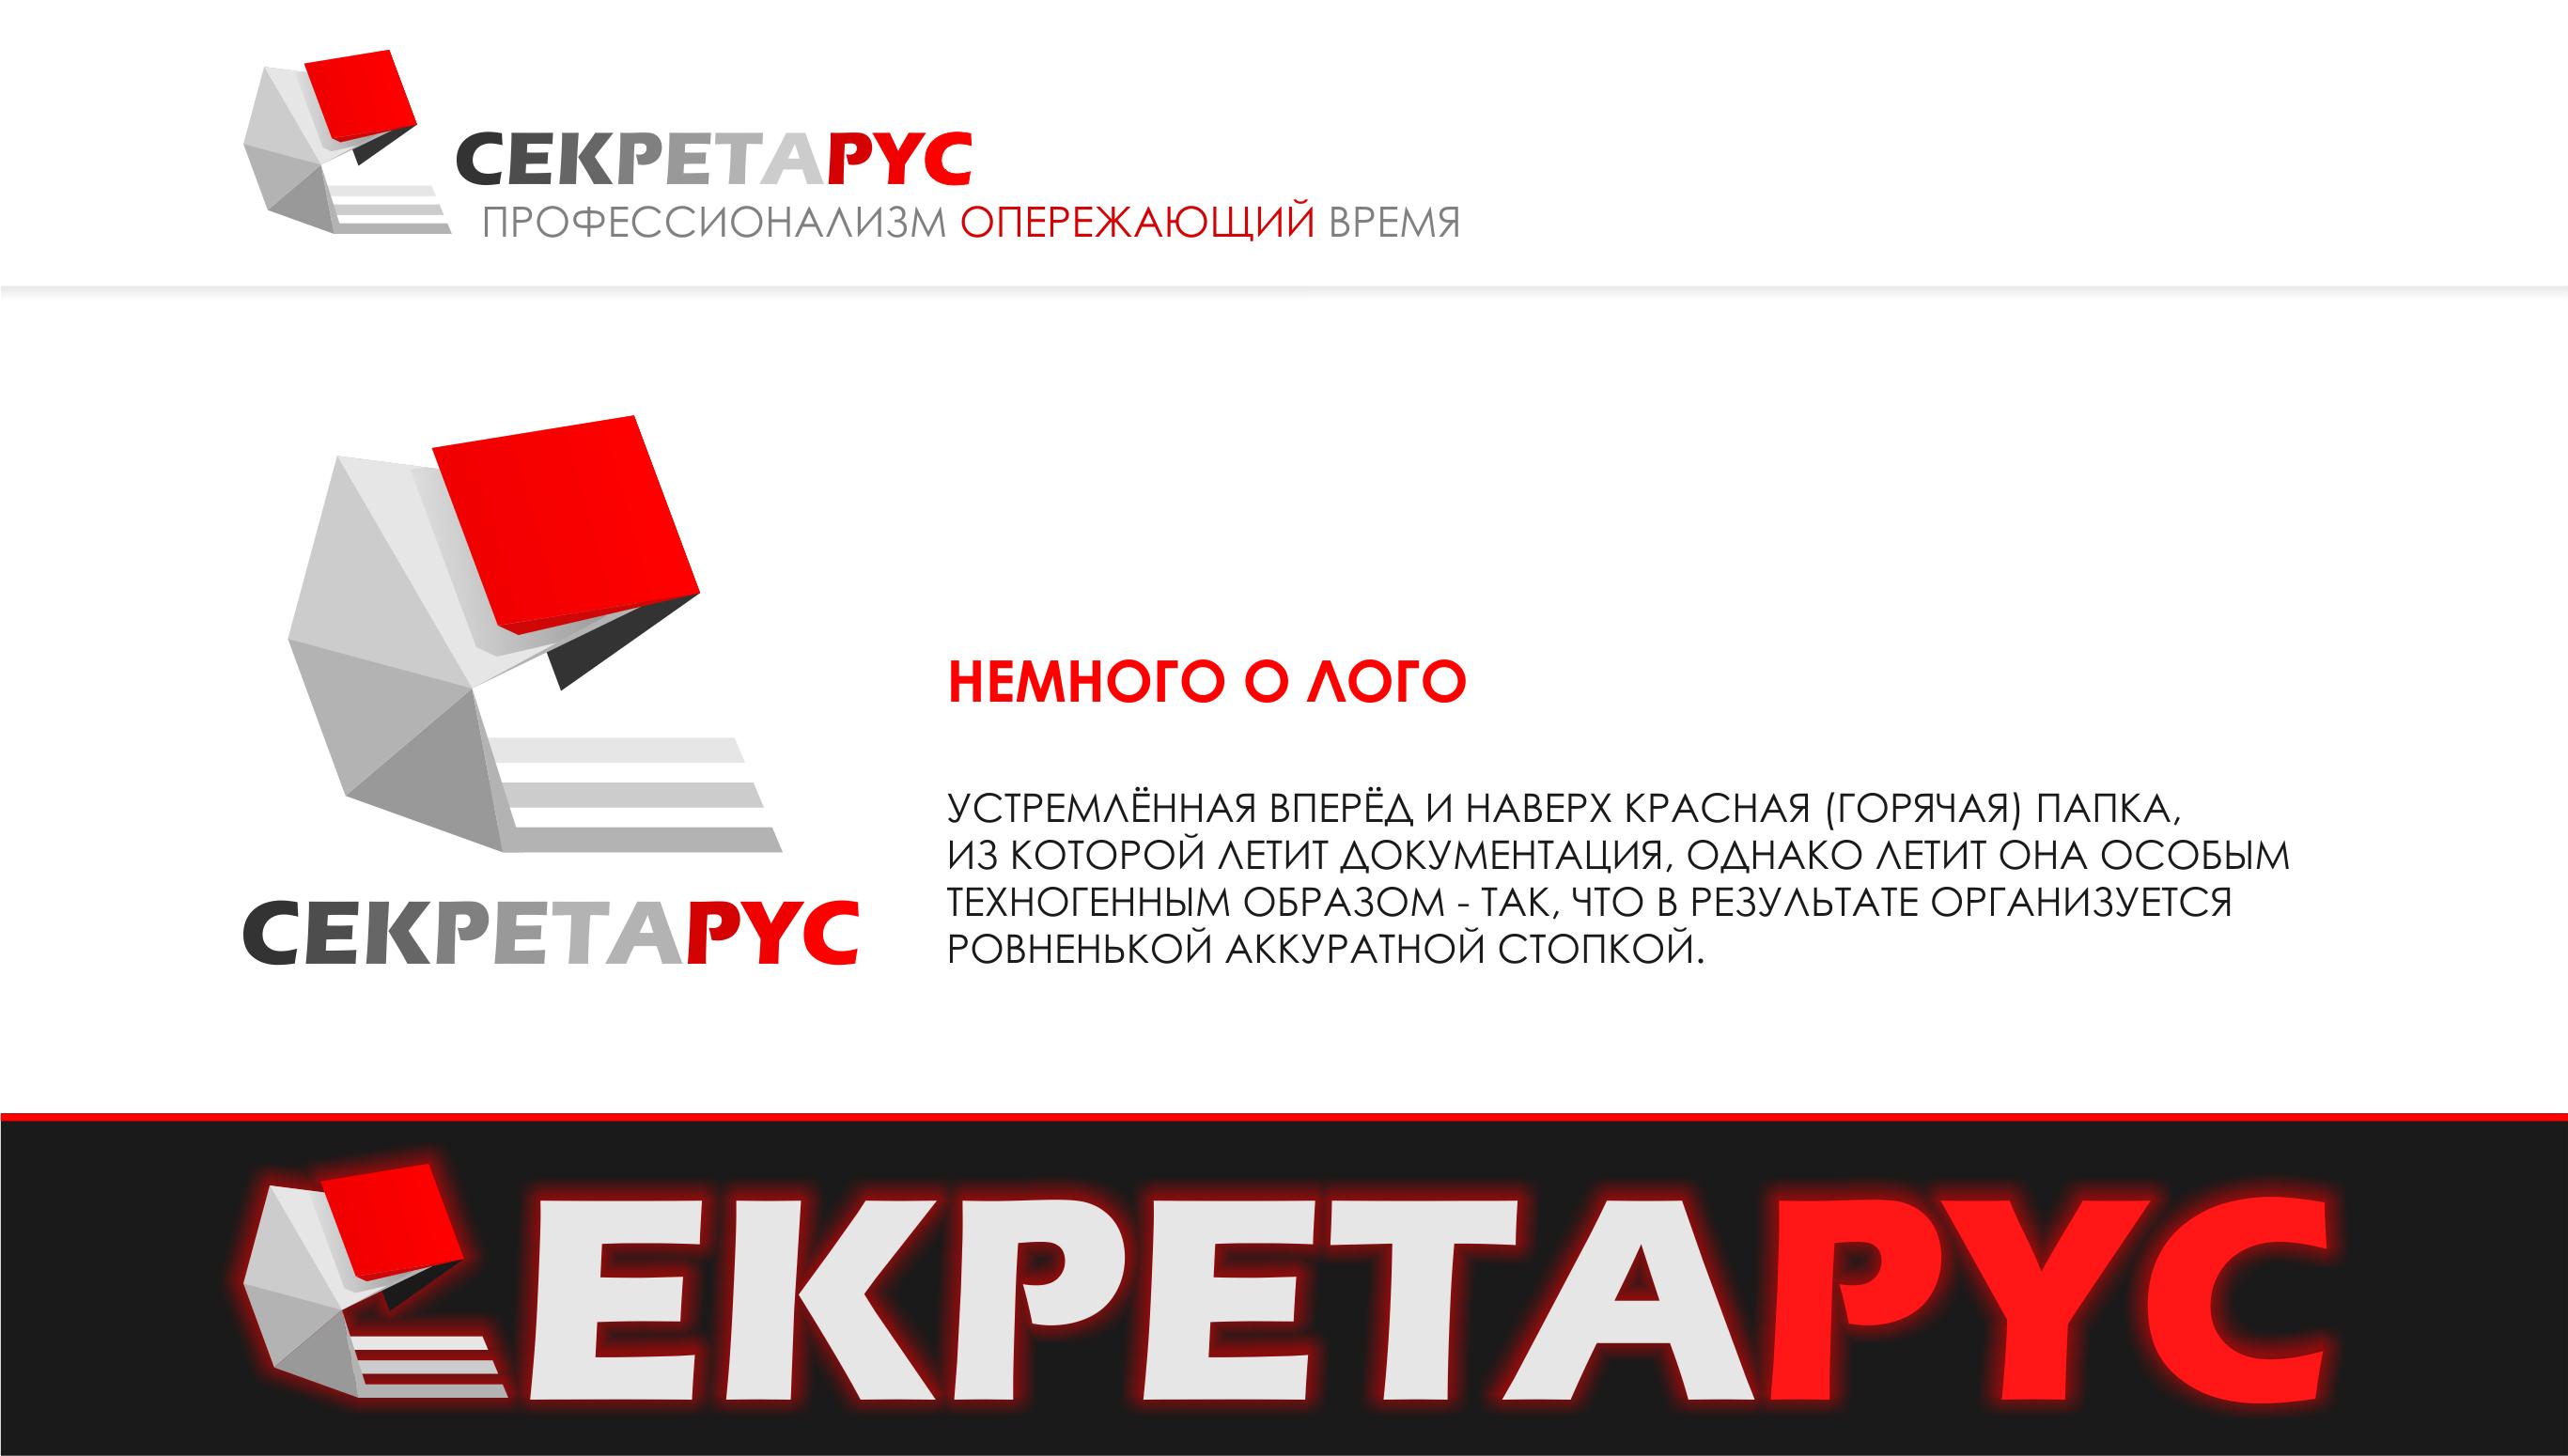 Разработка логотипа и фирменного стиля для сайта фото f_0925a4afb78e4cea.png